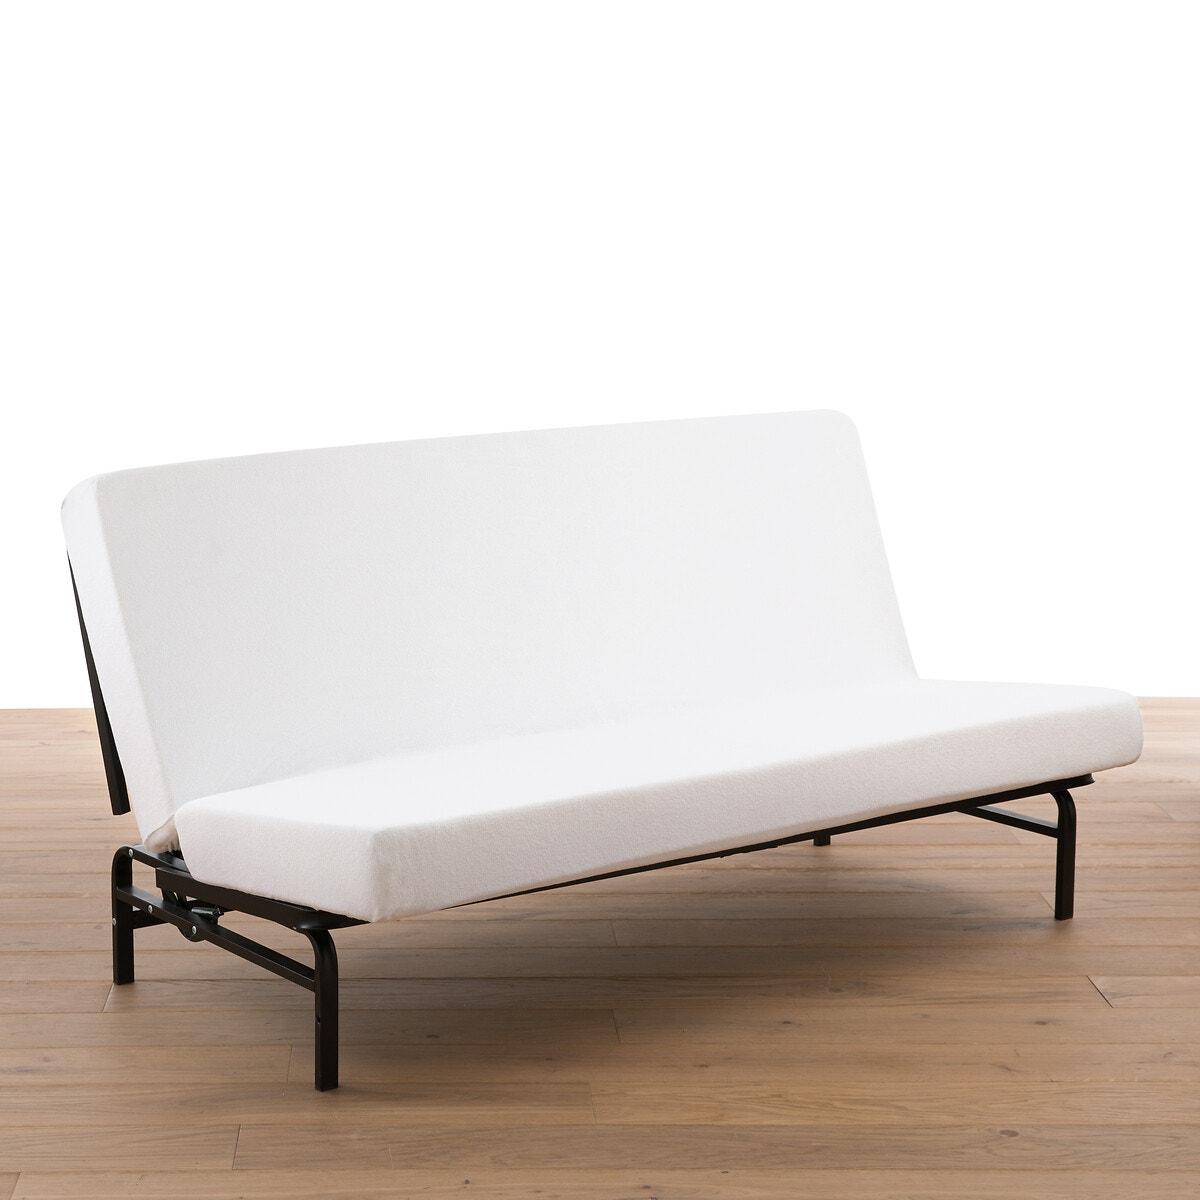 Προστατευτικό στρώματος clic-clac σπιτι   κρεβατοκάμαρα   καλύμματα